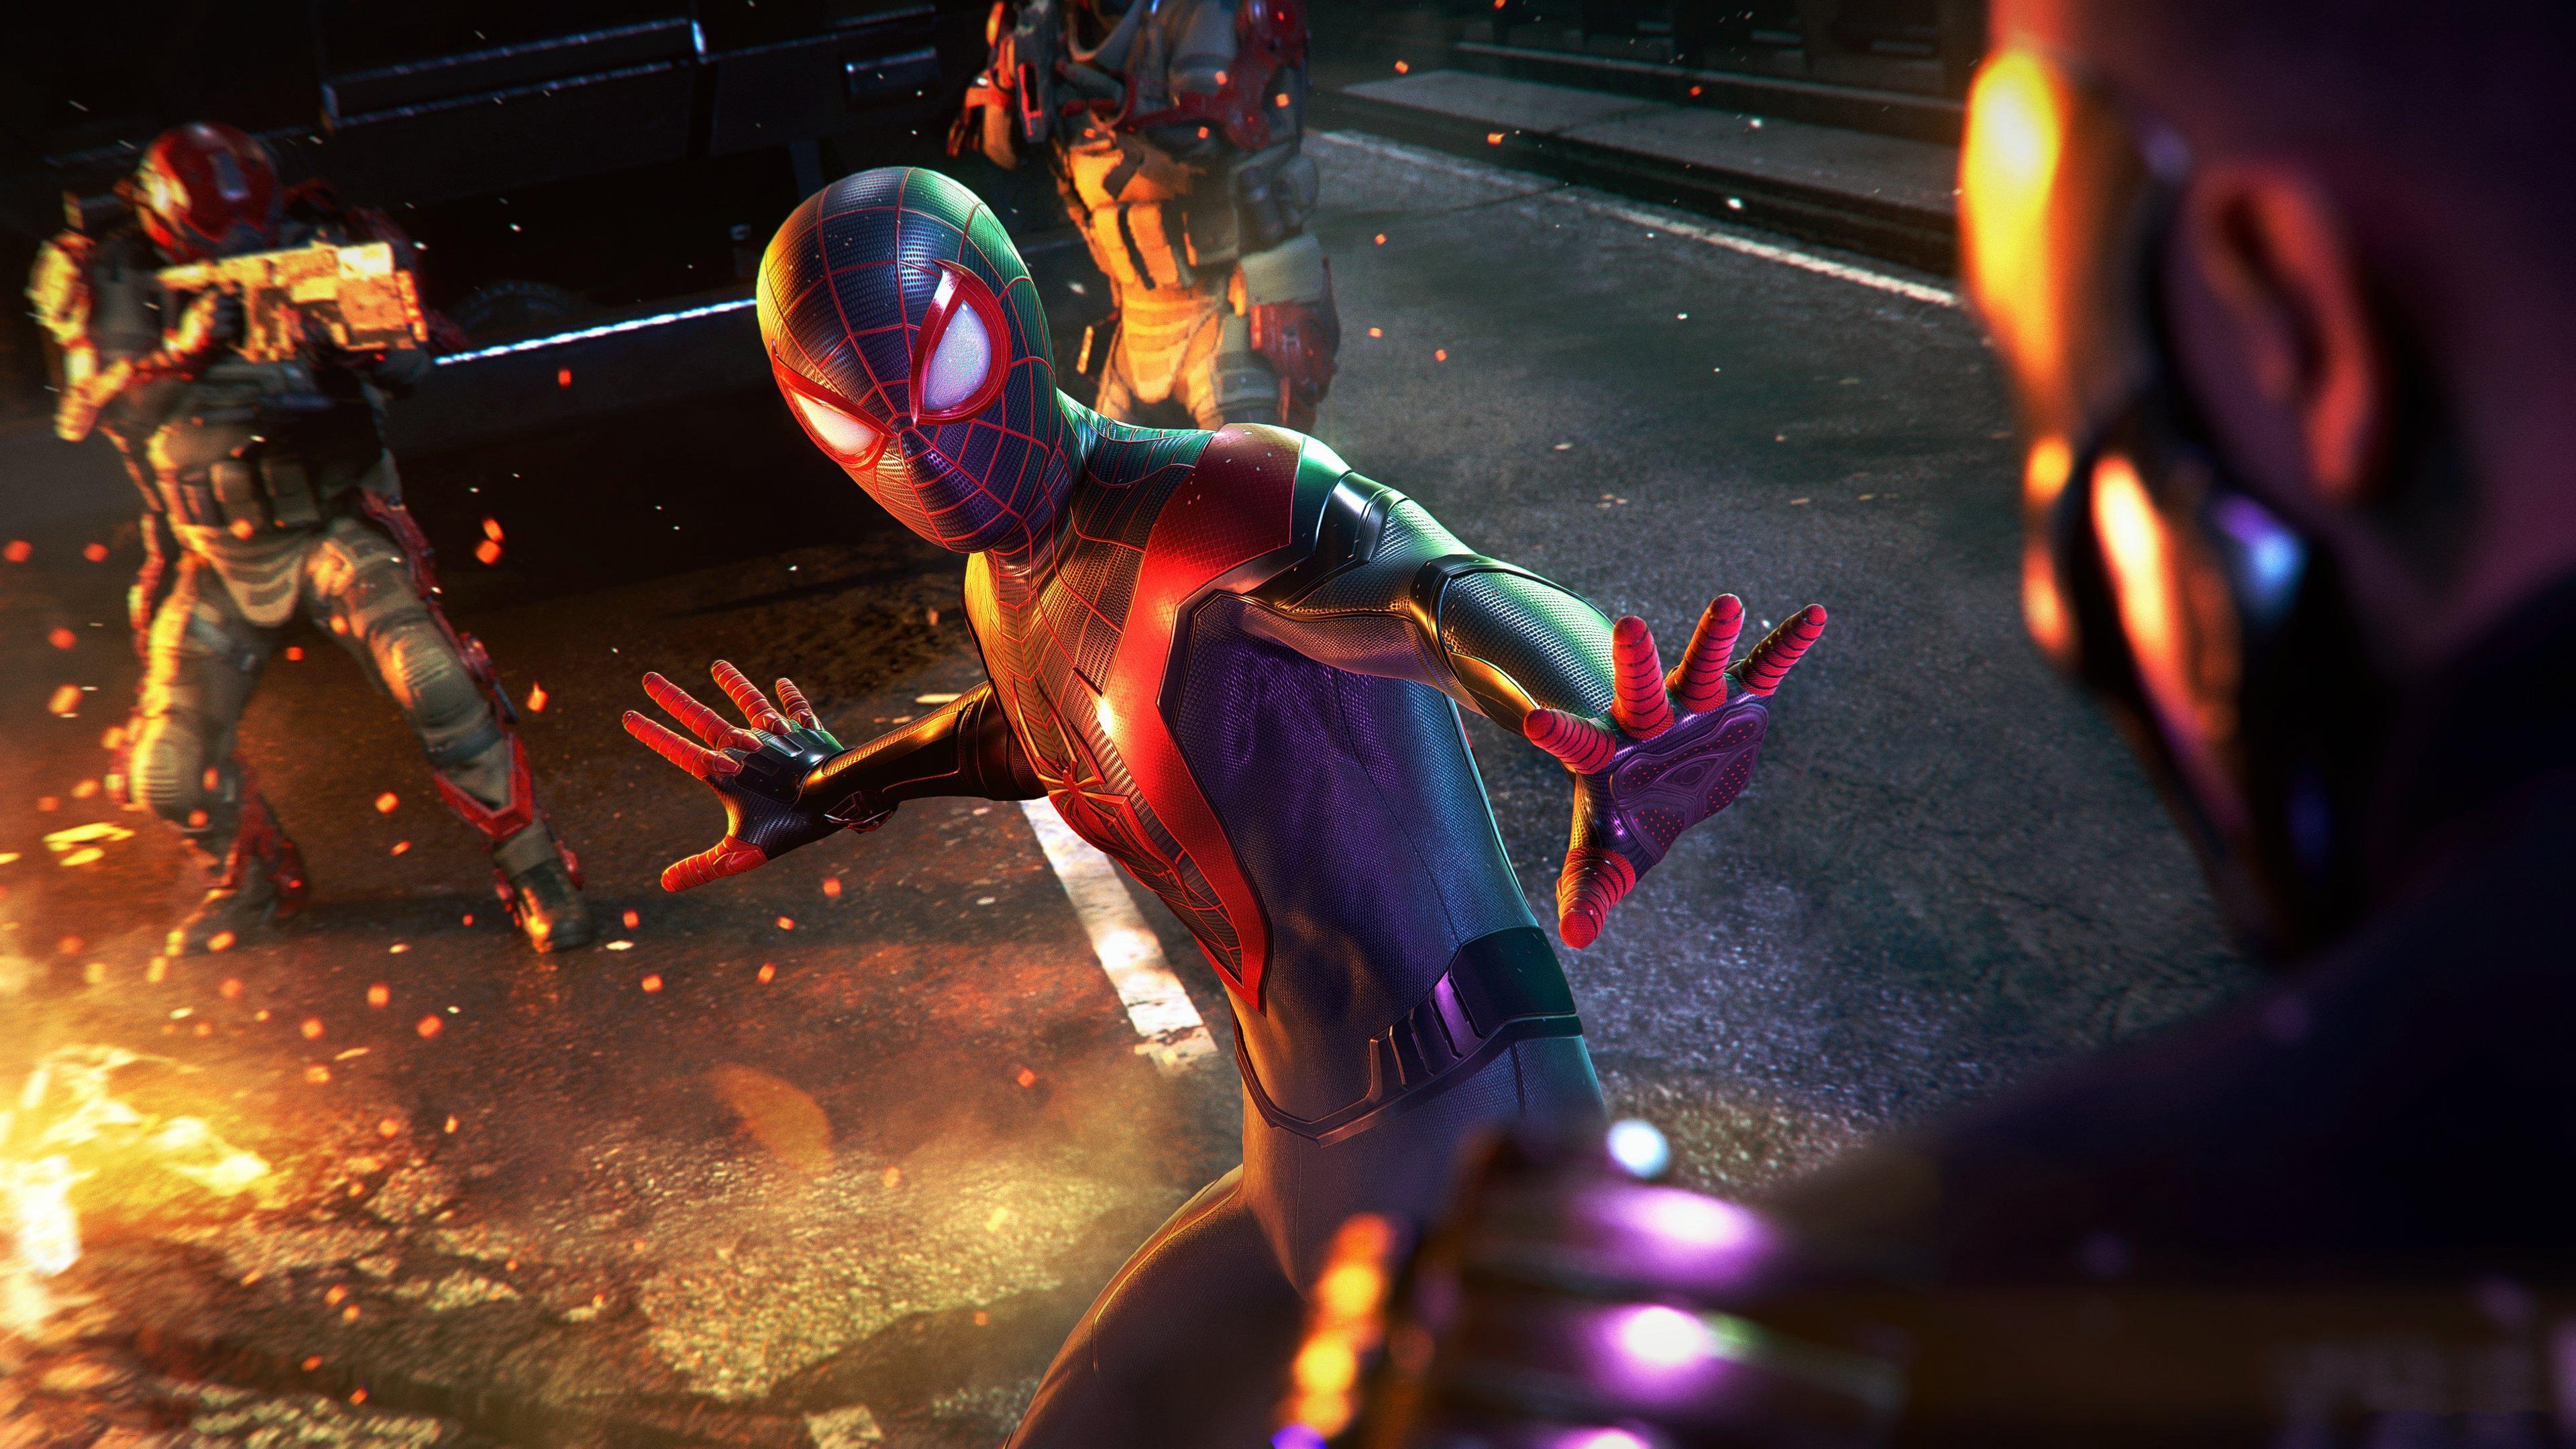 Fondos de pantalla Miles Morales como El hombre araña